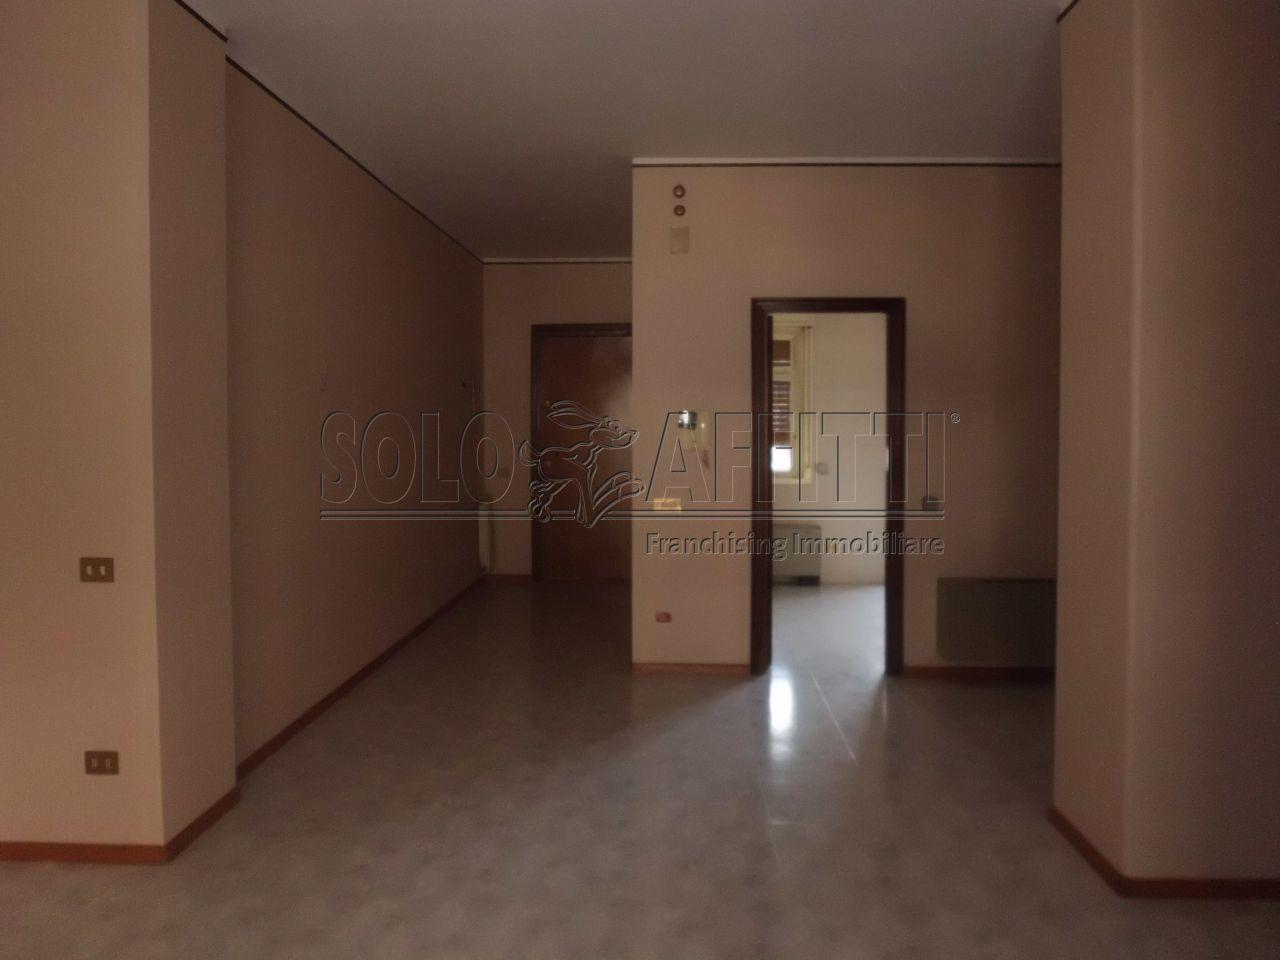 Appartamento 6 locali 6 vani